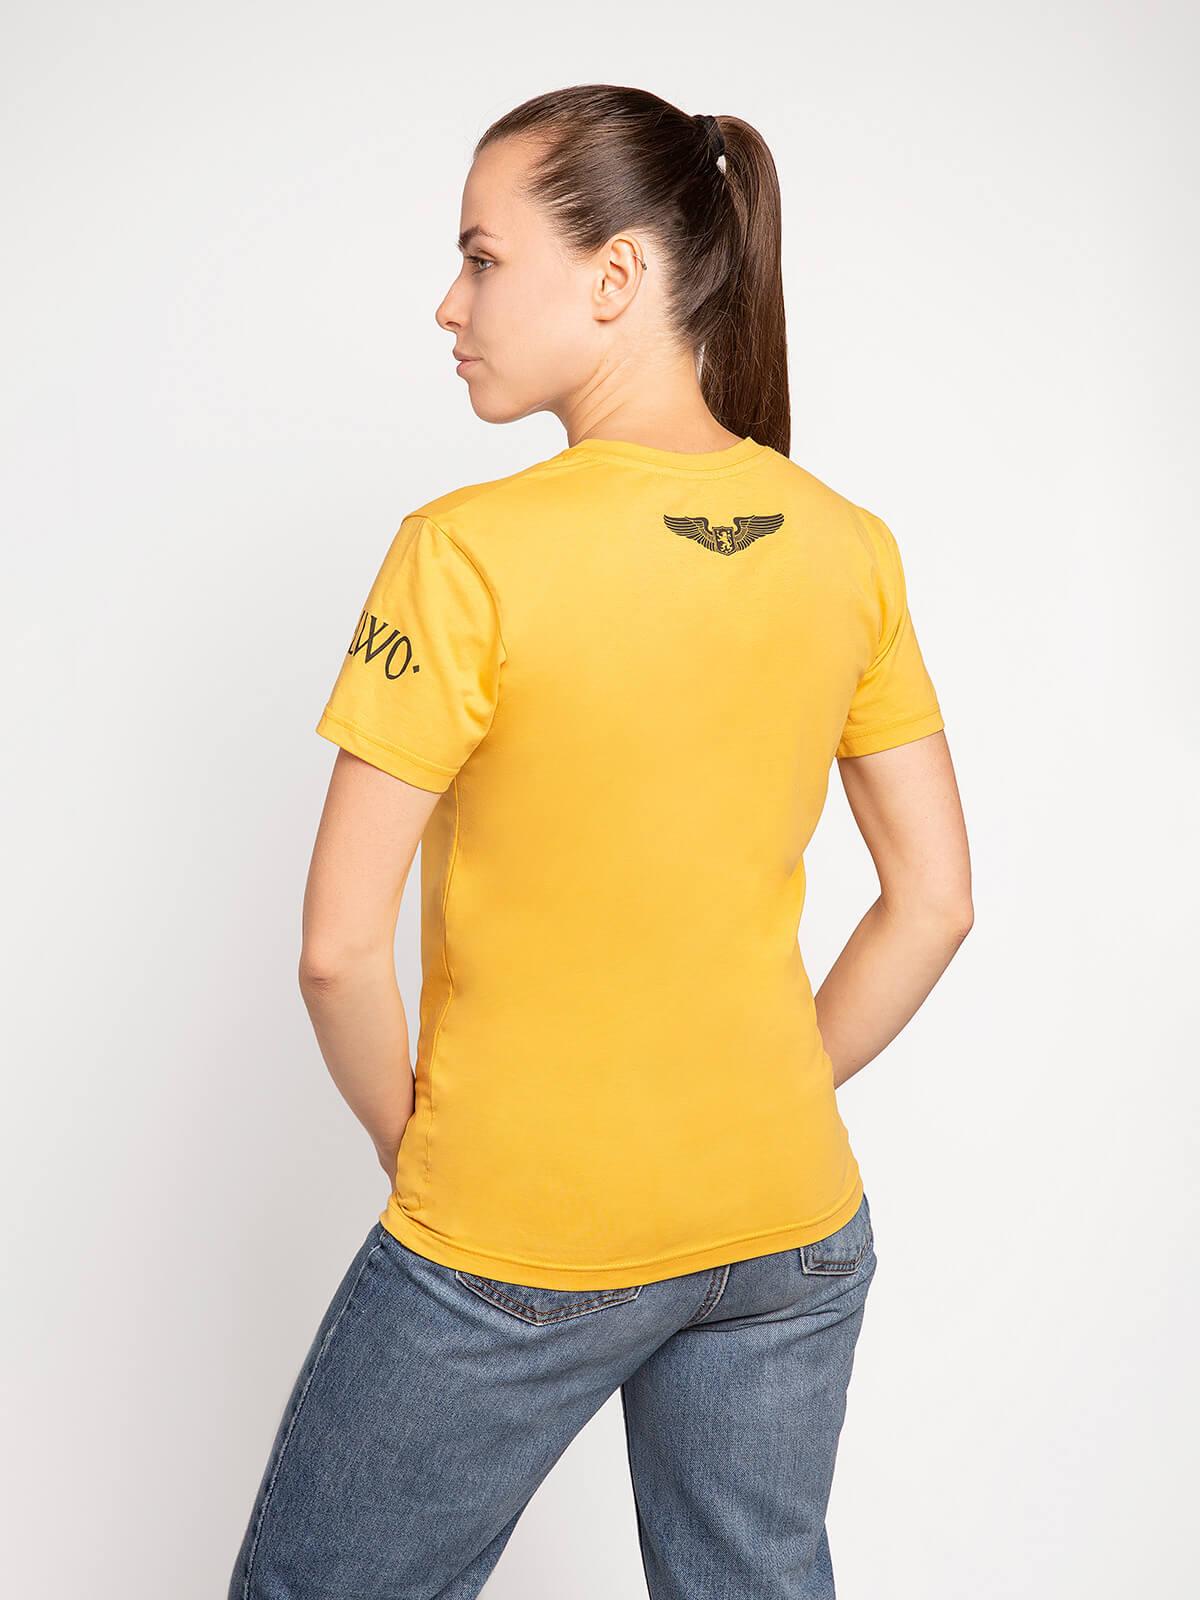 Women's T-Shirt Danylo. Не варто переживати за універсальний розмір.